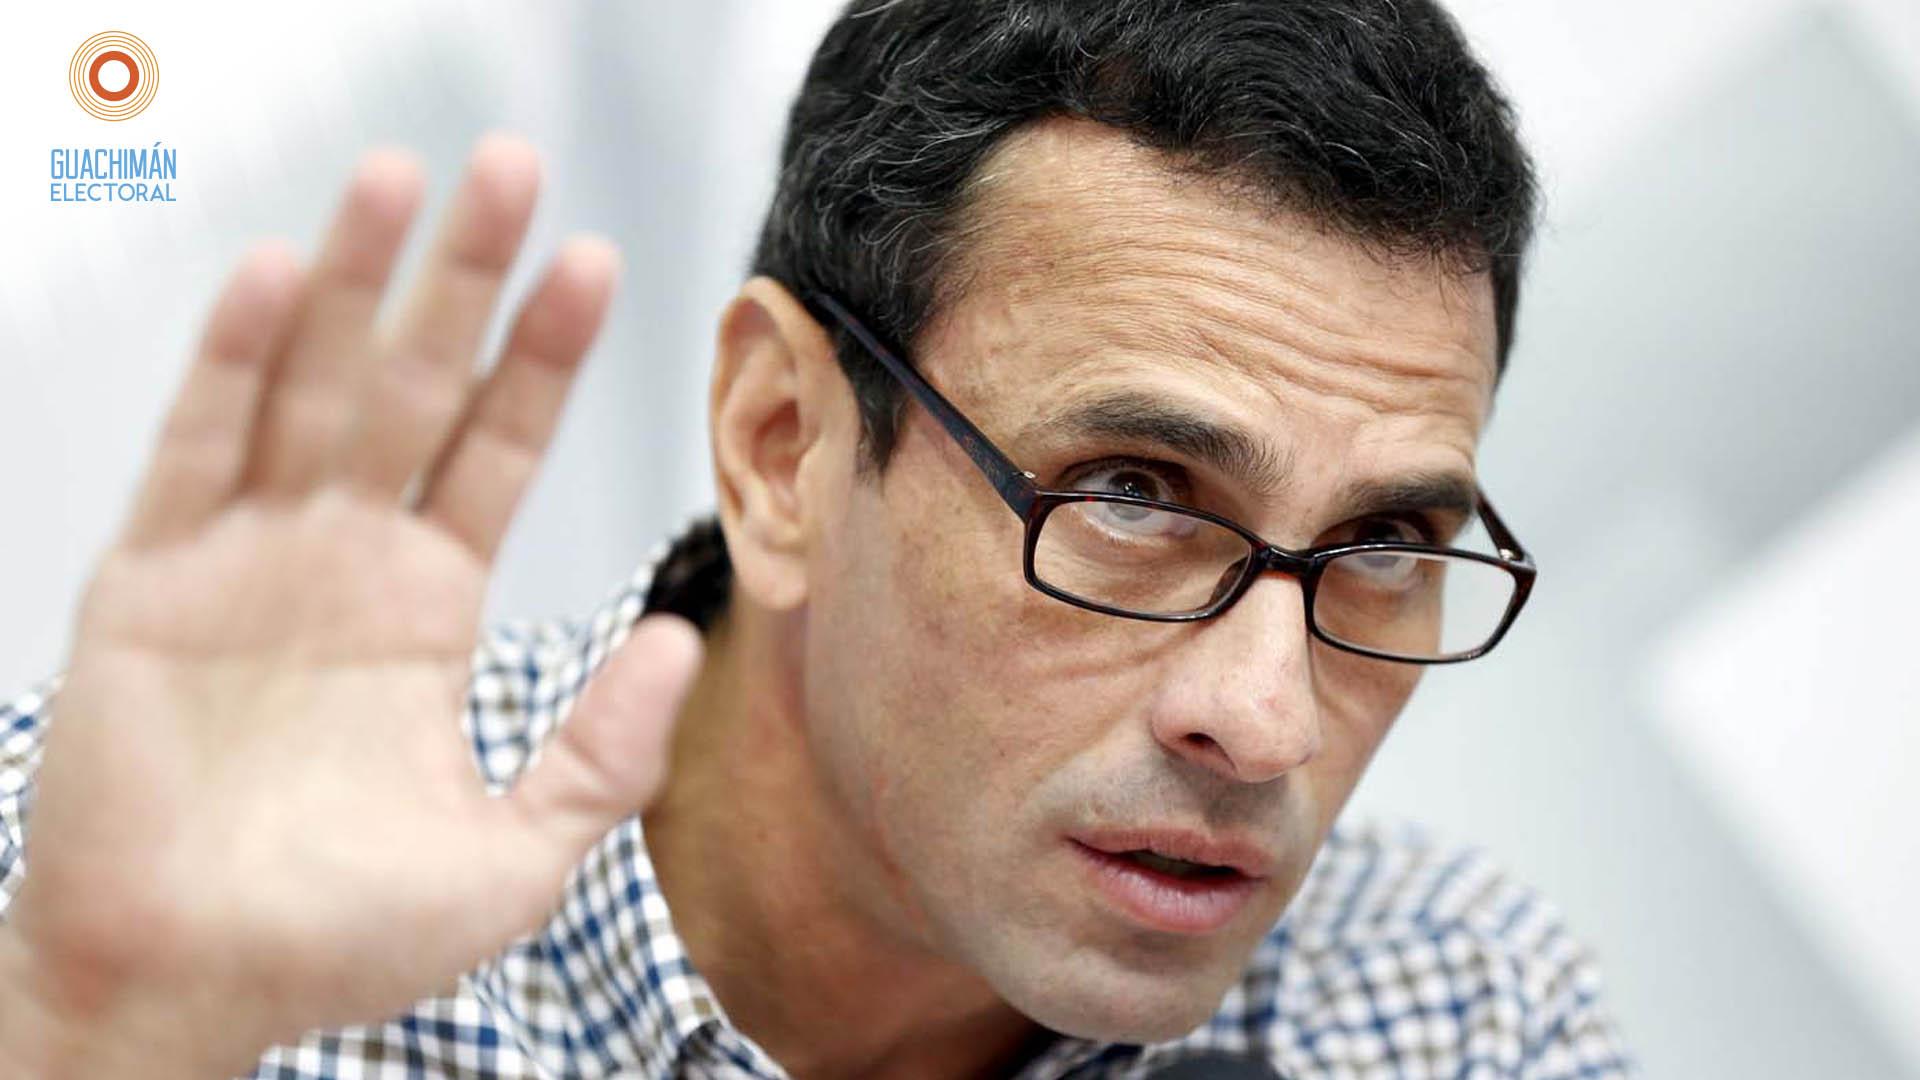 #GuachimánElectoral | Análisis: ¿Puede Henrique Capriles ganar la AN solo?